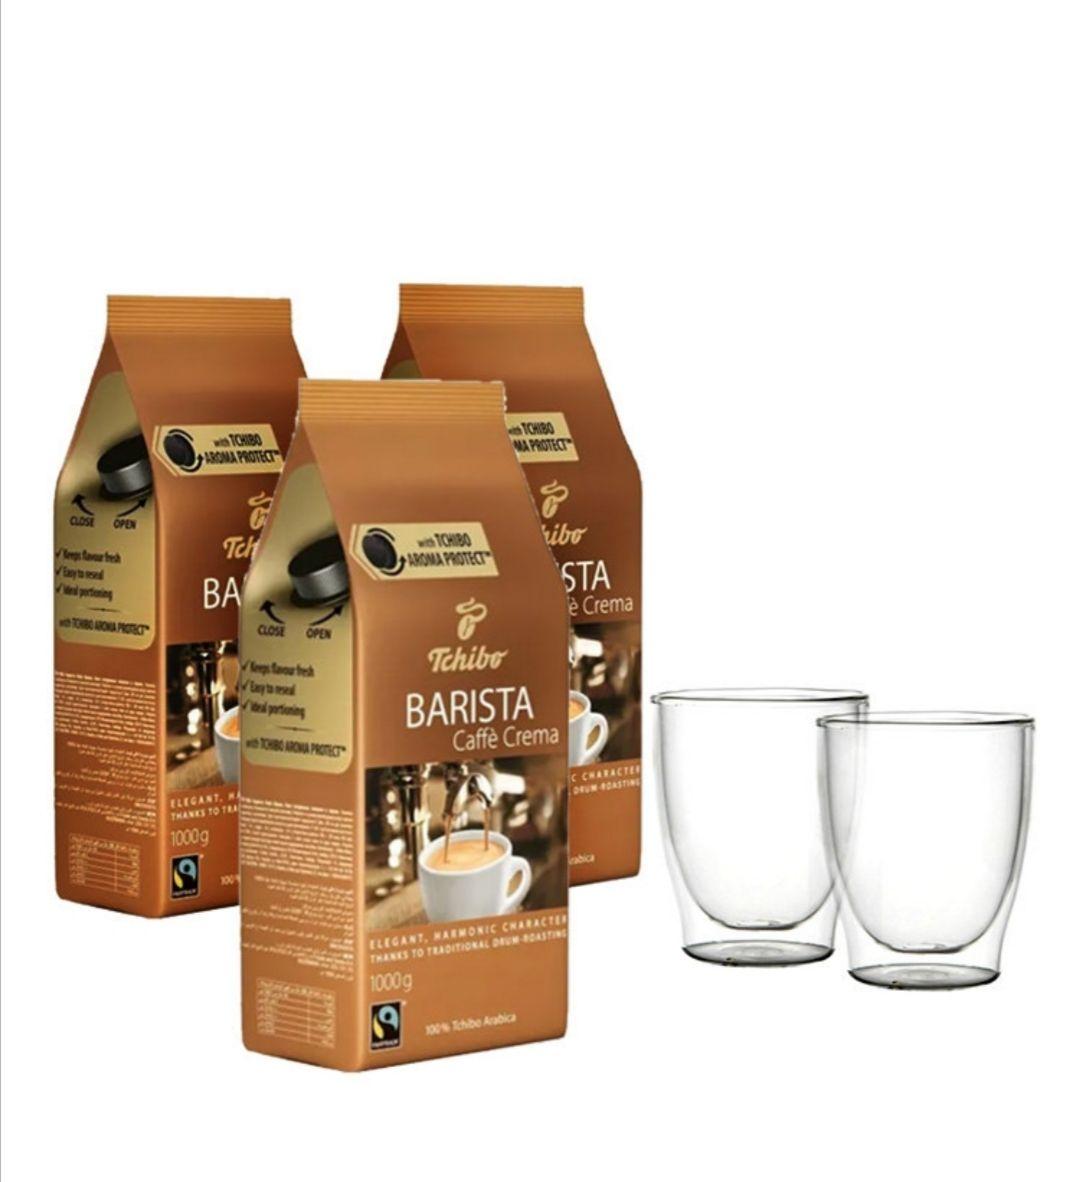 Kawa Tchibo Barista 3kg+ 2 szklanki gratis